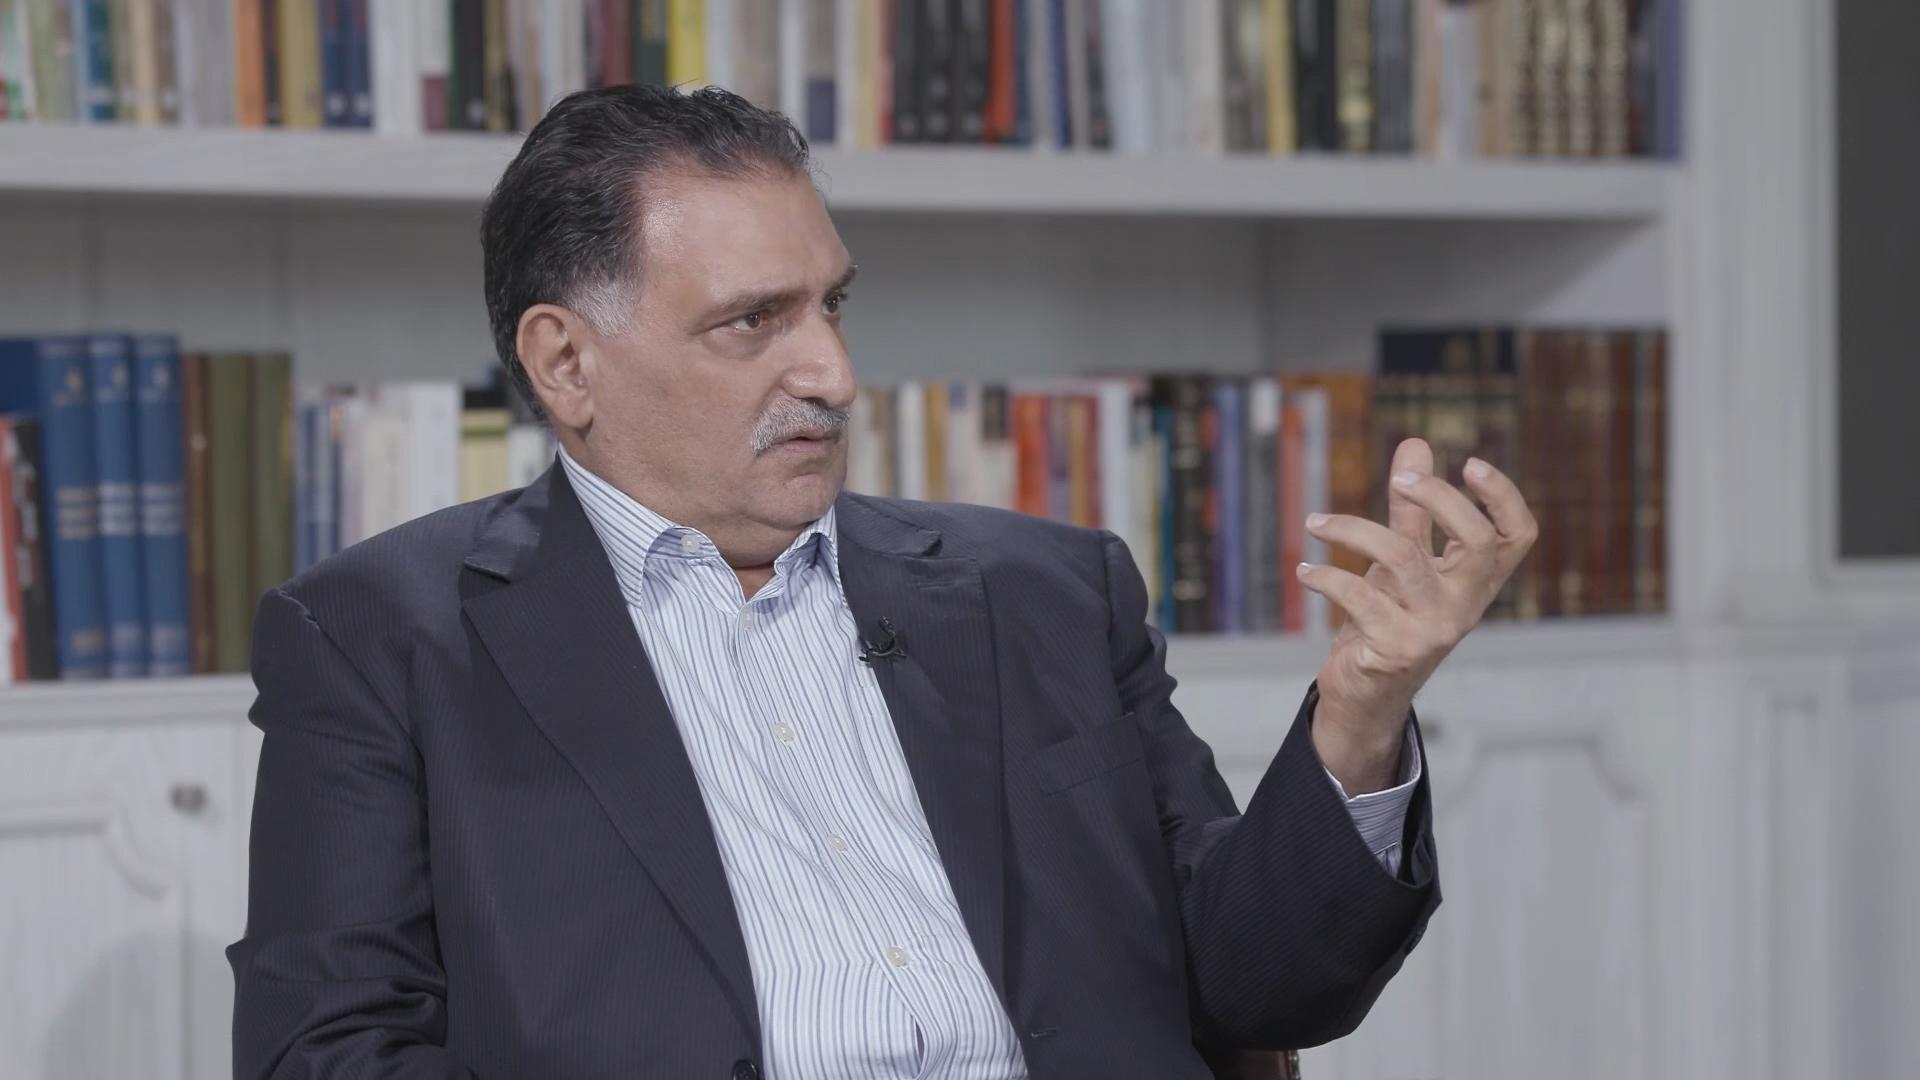 لقاء-مع-المفكر-عزمي-بشارة---مآلات-الربيع-العربي-والأوضاع-في-الجزائر-والسودان-